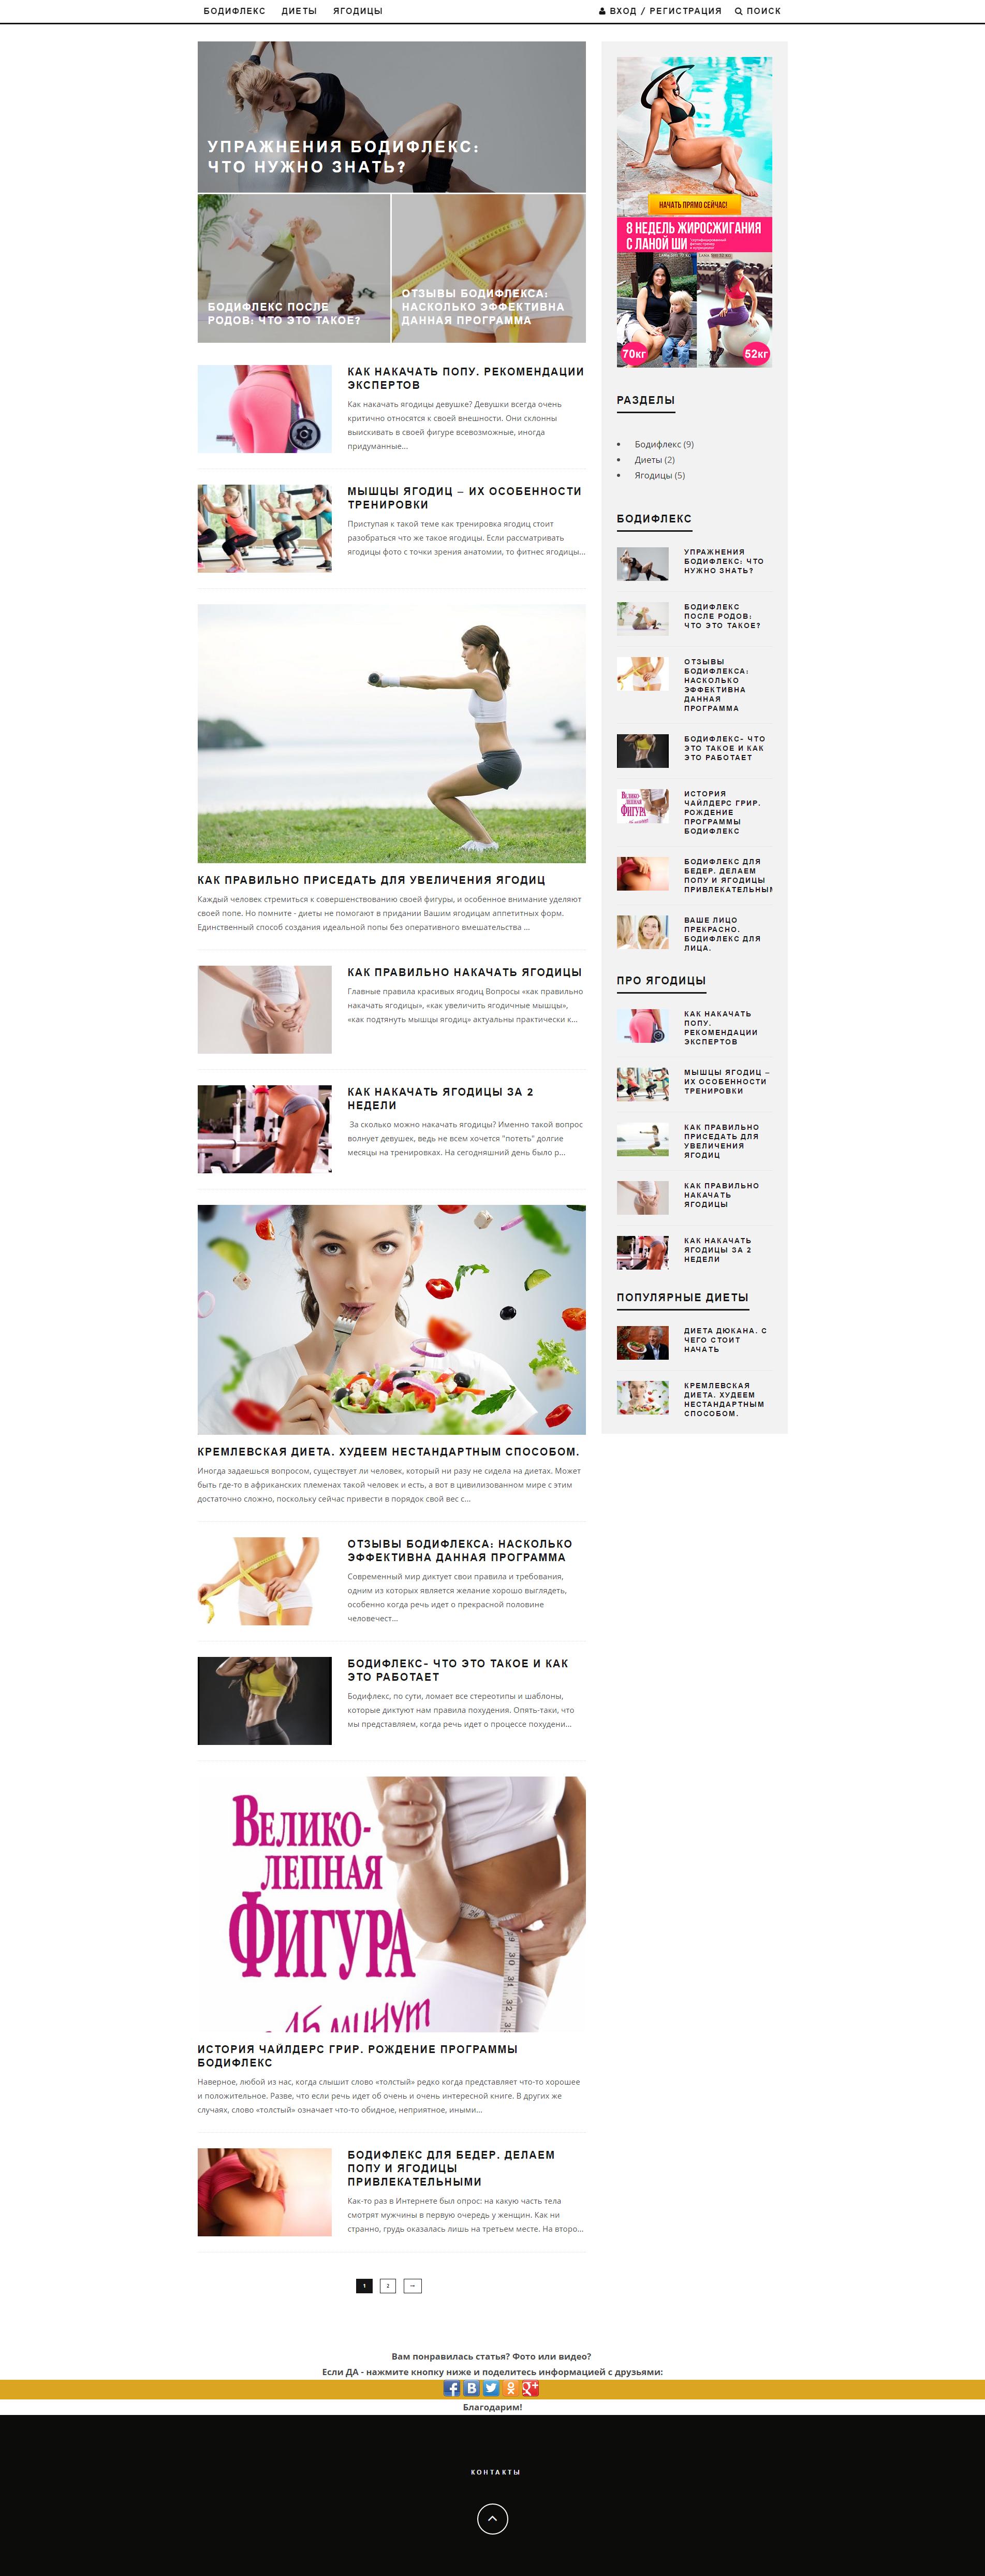 Создание сайта по фитнесу